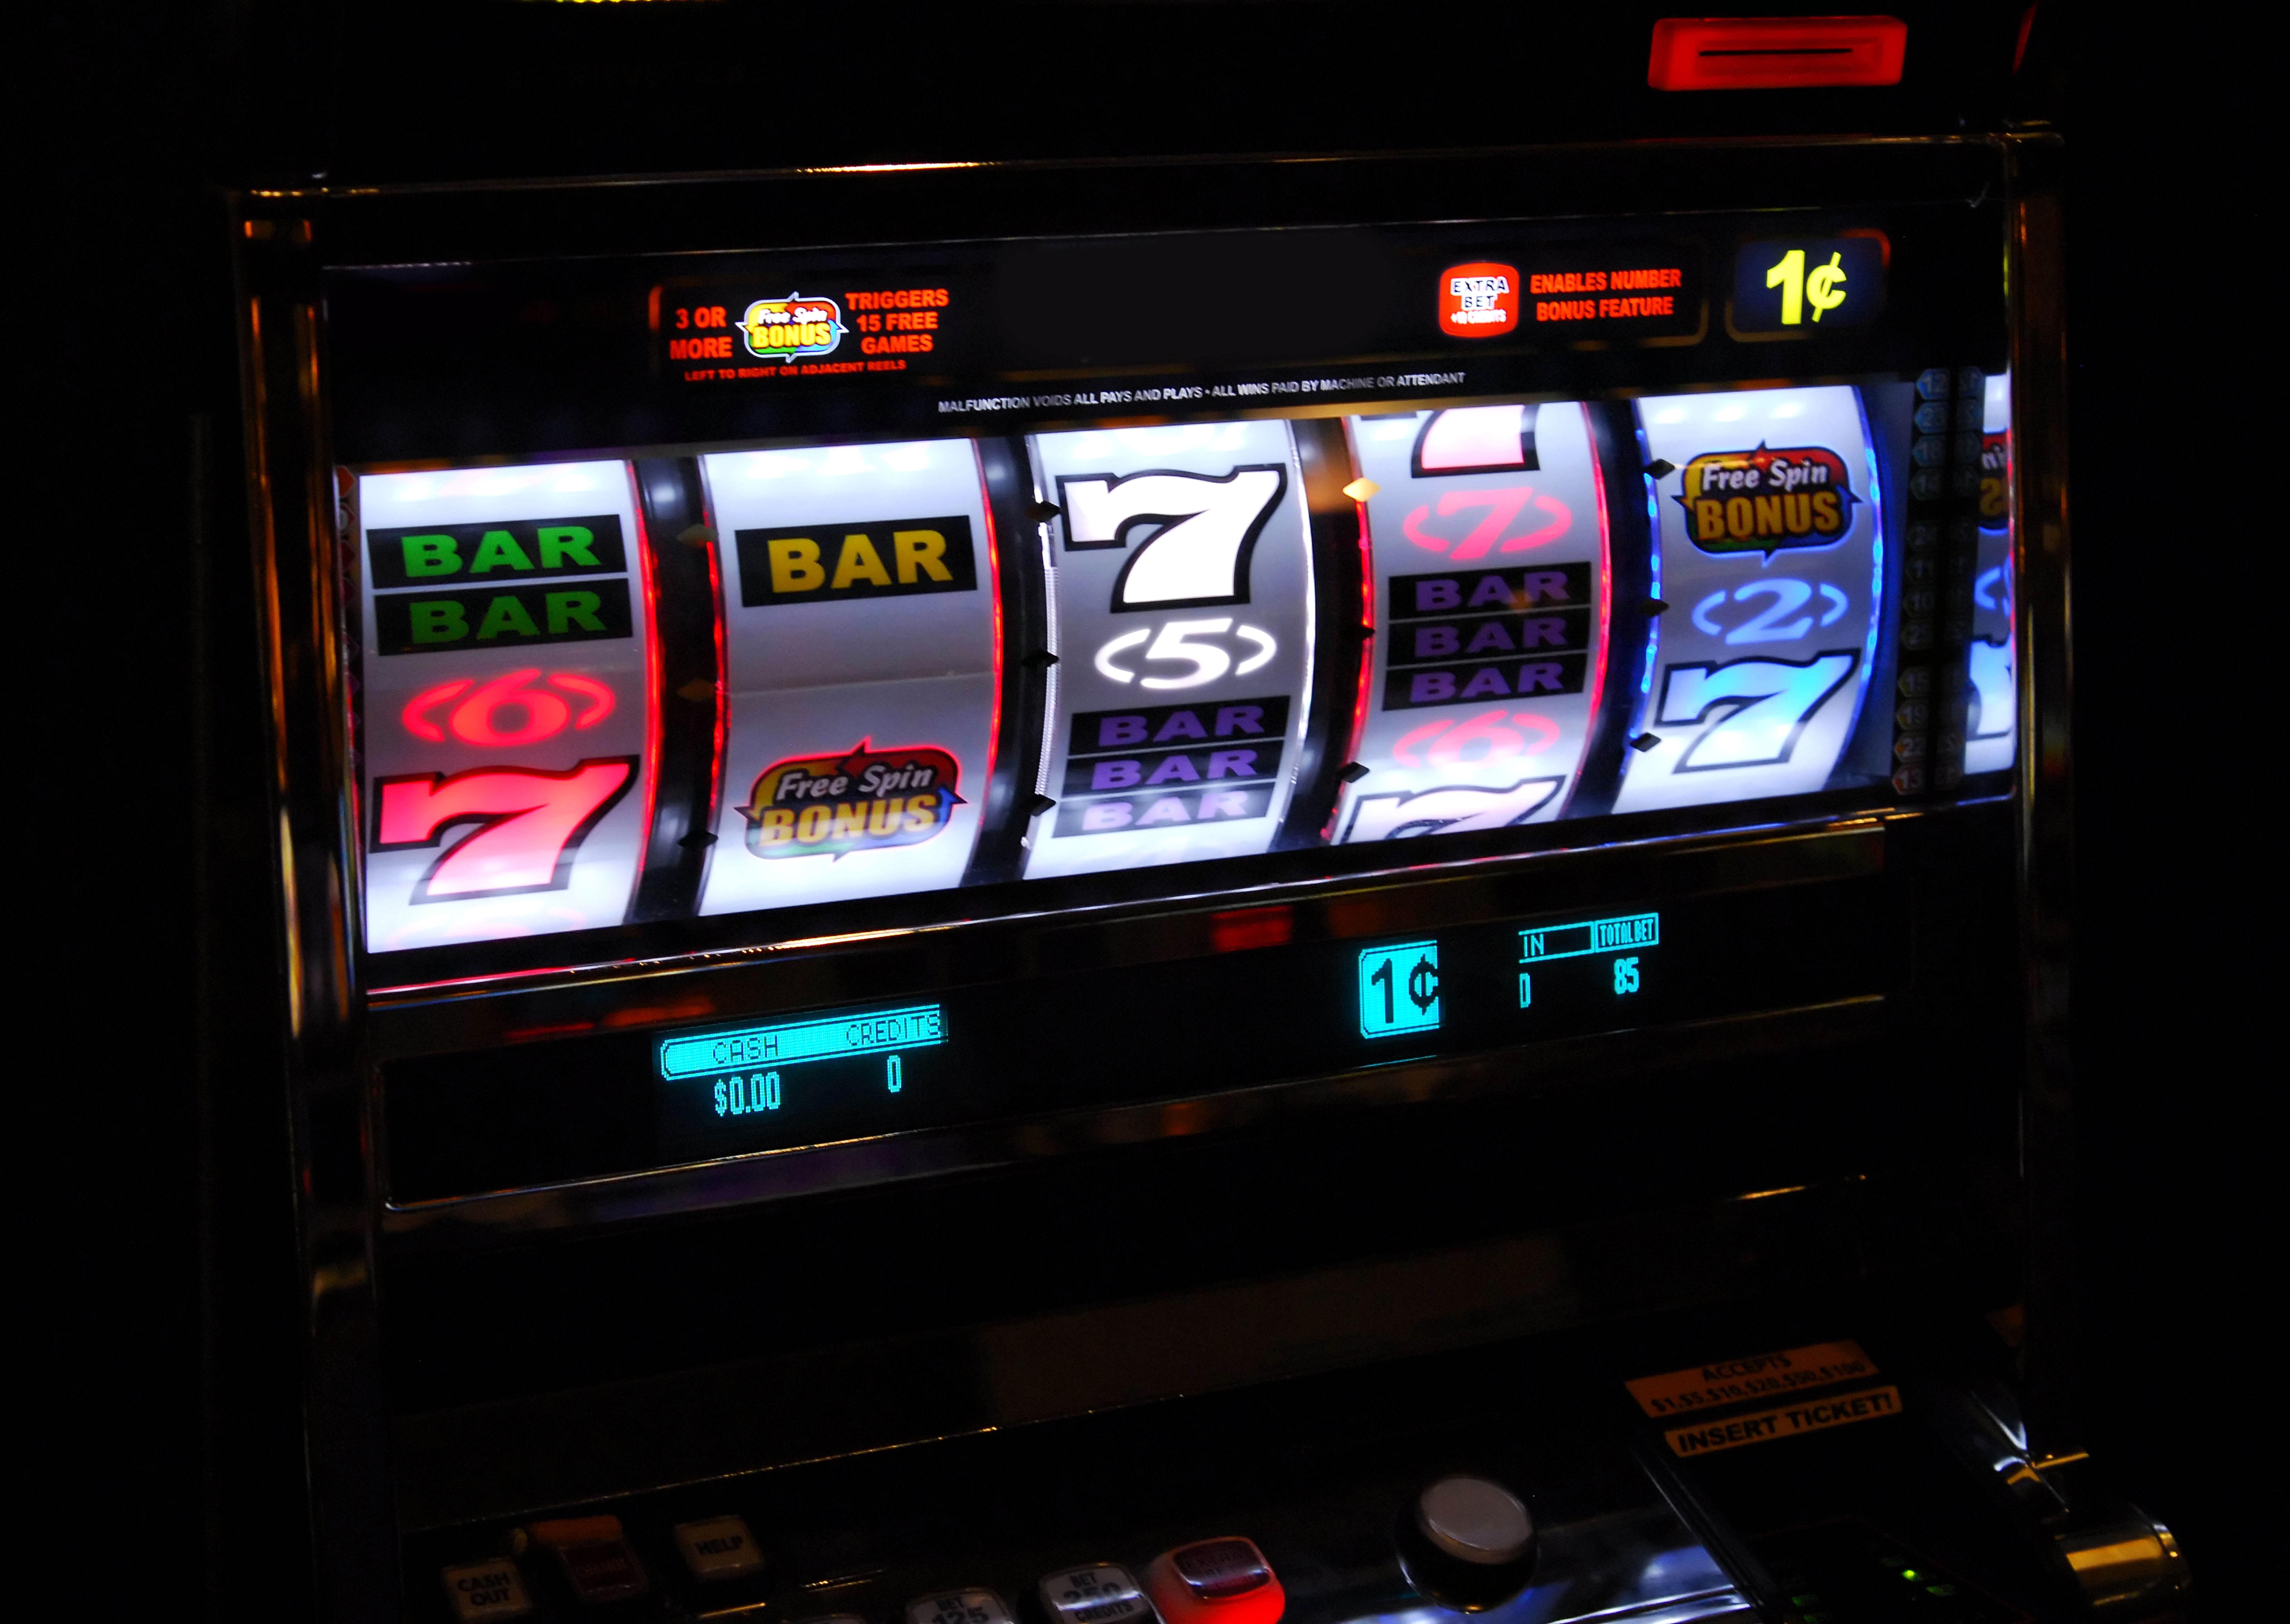 Игровые автоматы с бонус зонами пробития игровые автоматы играть онлайн на деньги с бонусом при регистрации